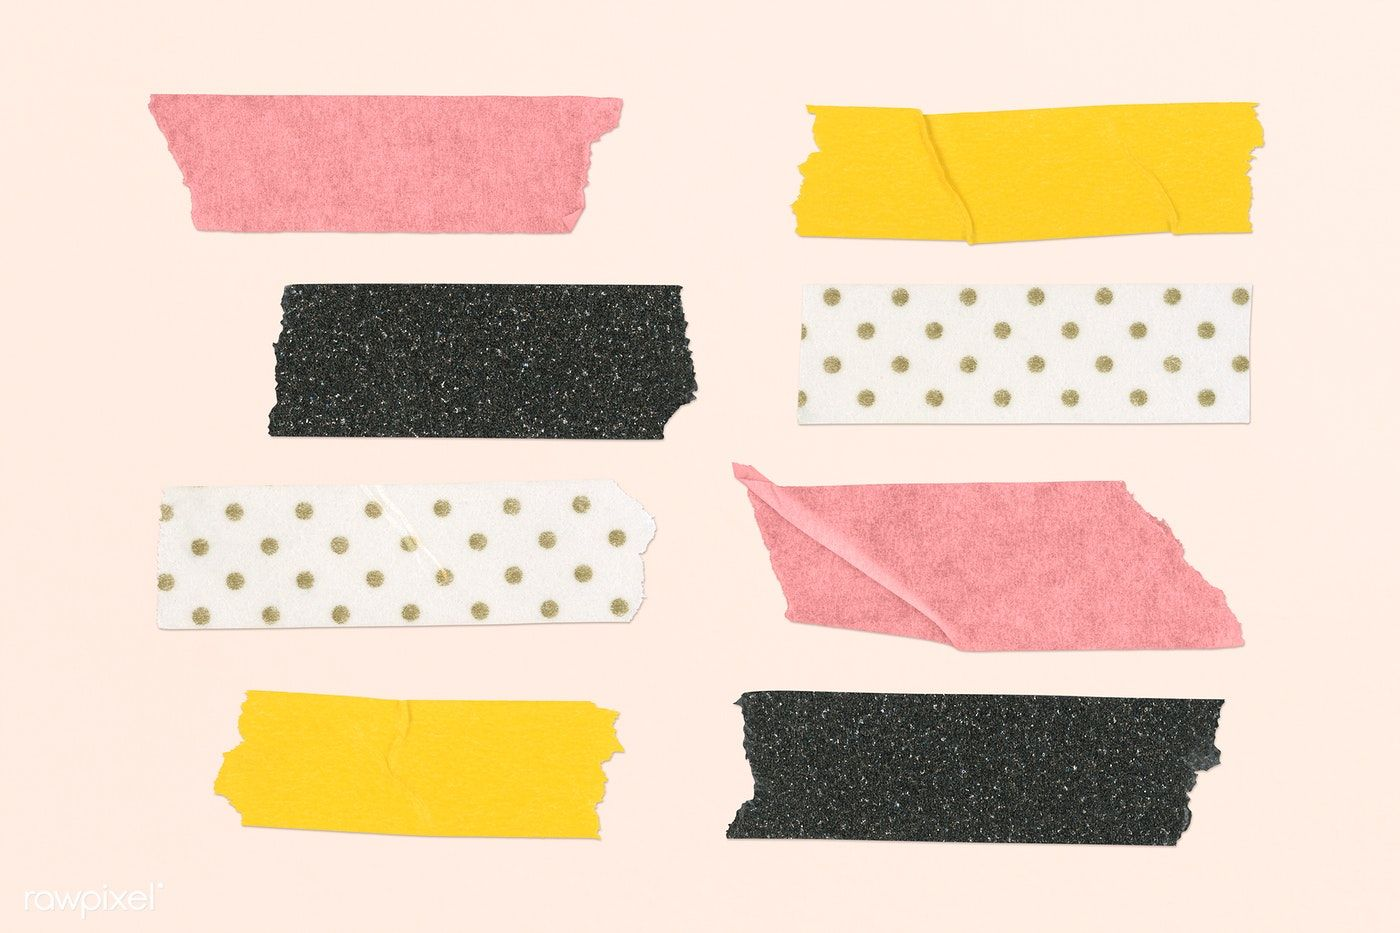 Papel En Blanco Note Pad Diseno Vectorial Carta Blanco Papel Png Y Vector Para Descargar Gratis Pngtree Note Pad Design Note Paper Paper Background Texture